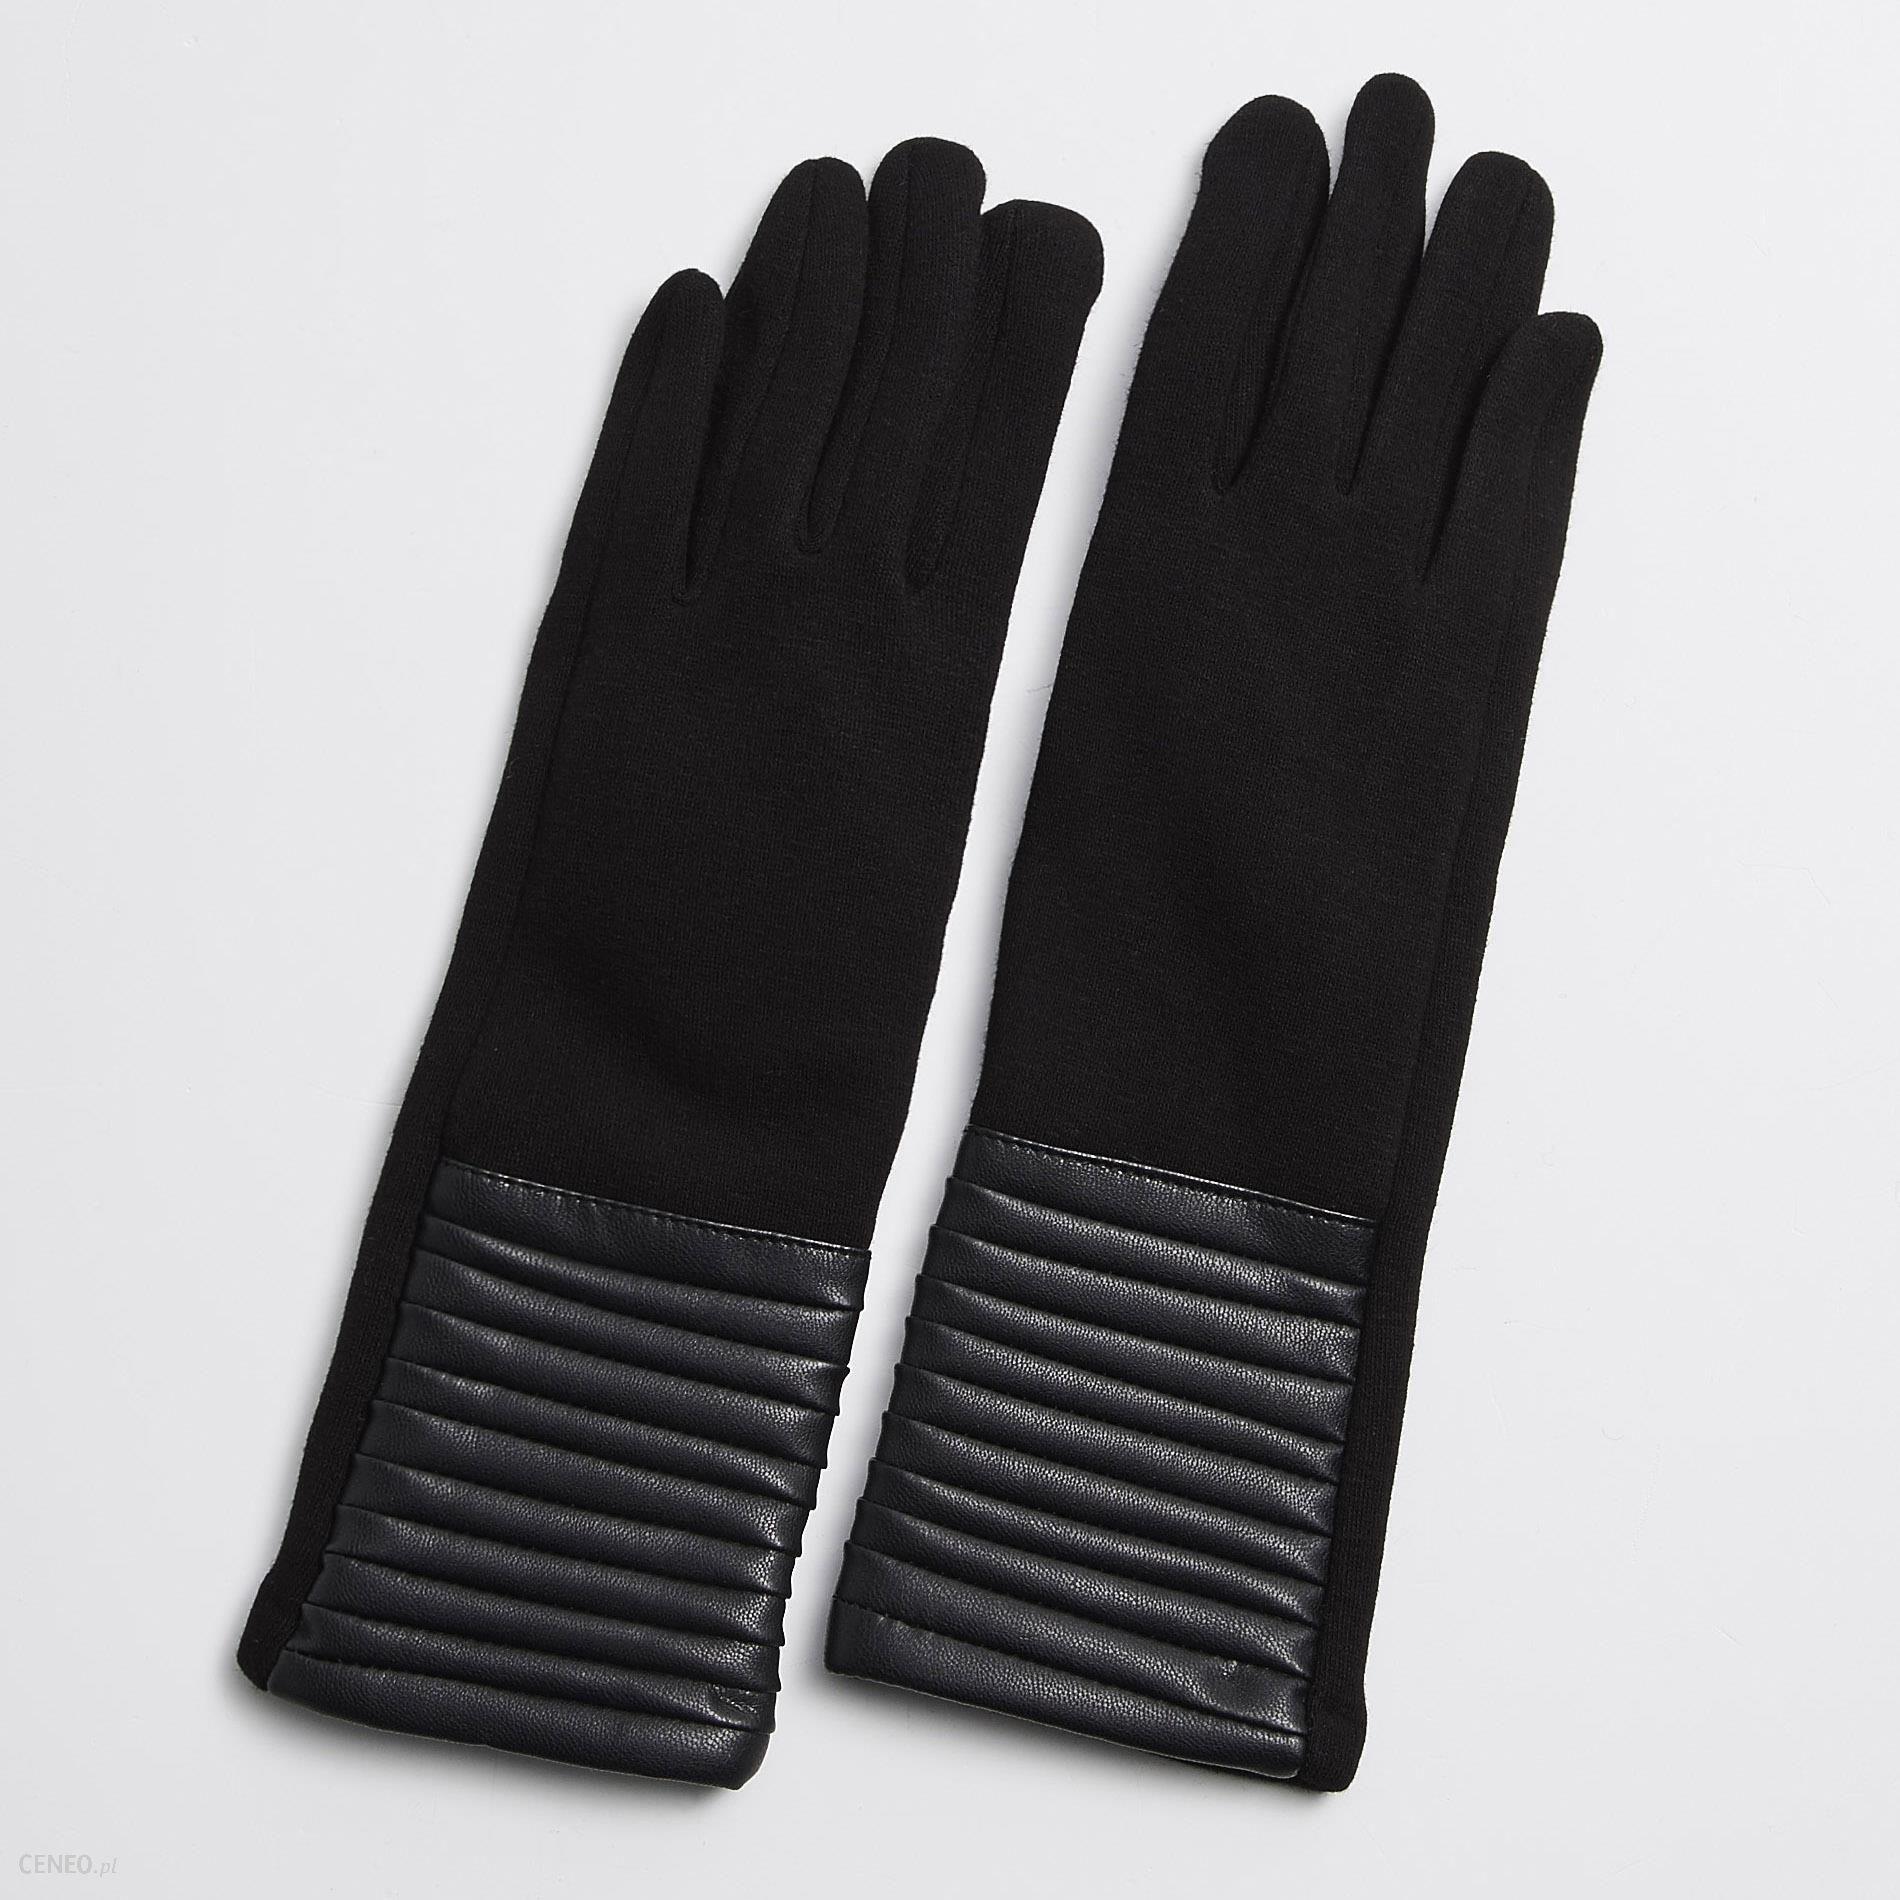 8a6aa9b60d078 Sinsay - Długie rękawiczki - Czarny - damska - Ceny i opinie - Ceneo.pl